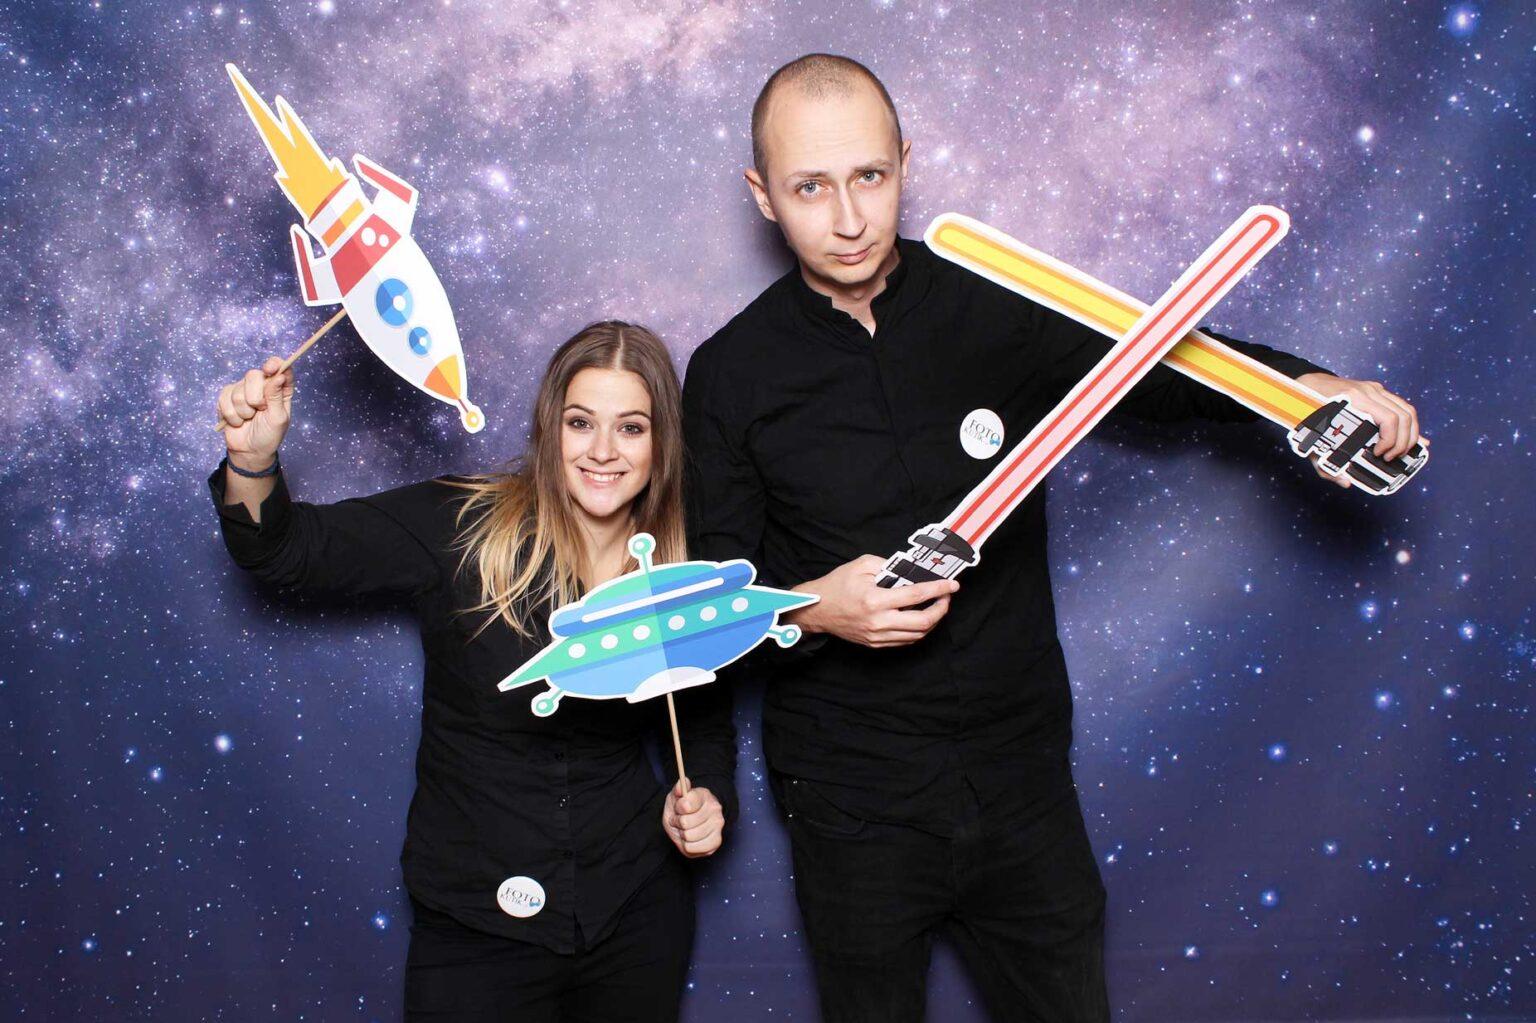 Vesmírne rekvizity - fotokútik na firemný večierok - Star wars.